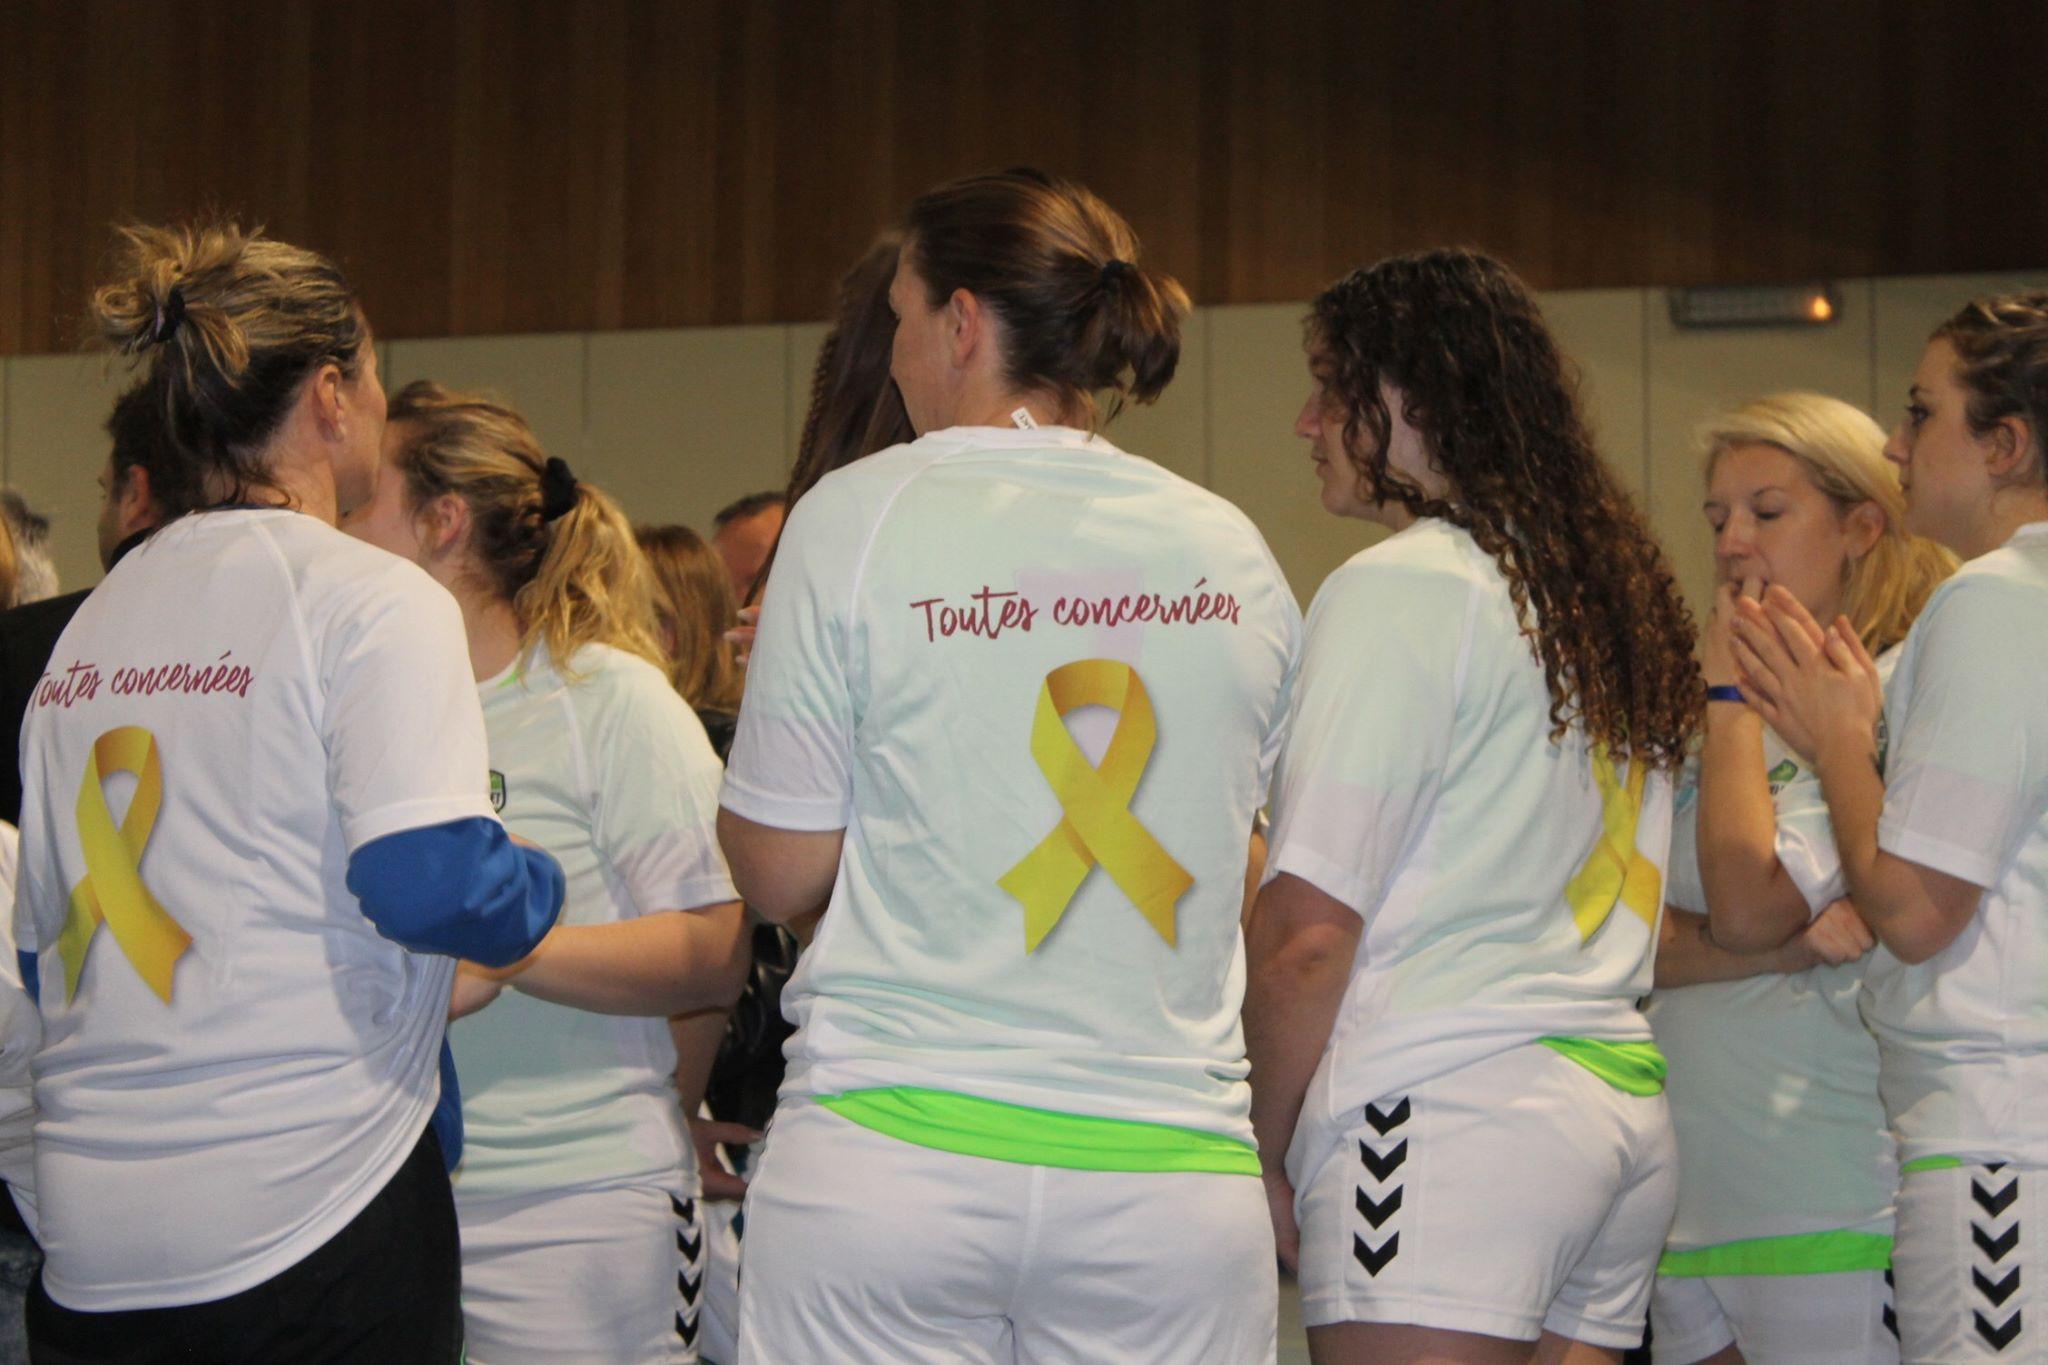 À l'issue de la cérémonie, les seniors filles se sont vues remettre des tee-shirts à l'effigie de la lutte contre l'endométriose.